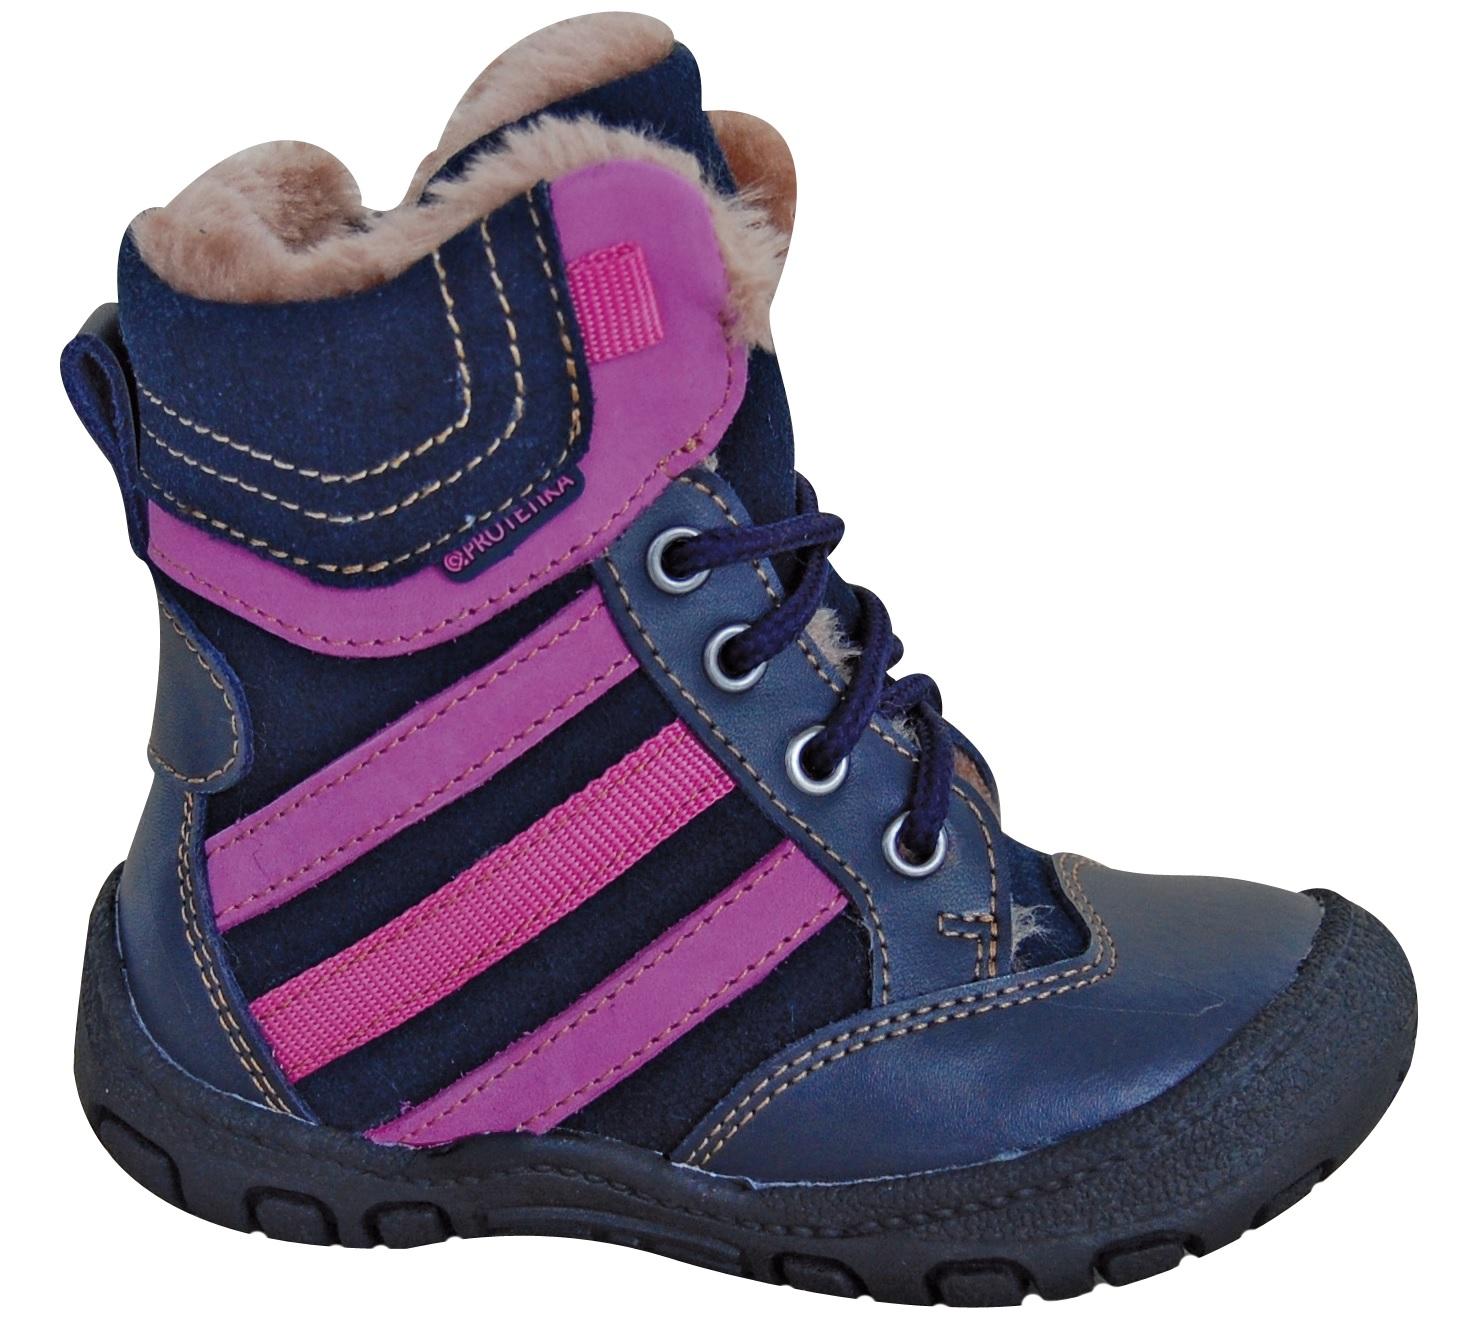 bc44f75375 Protetika Dievčenské zimné topánky Alex - tmavo modré